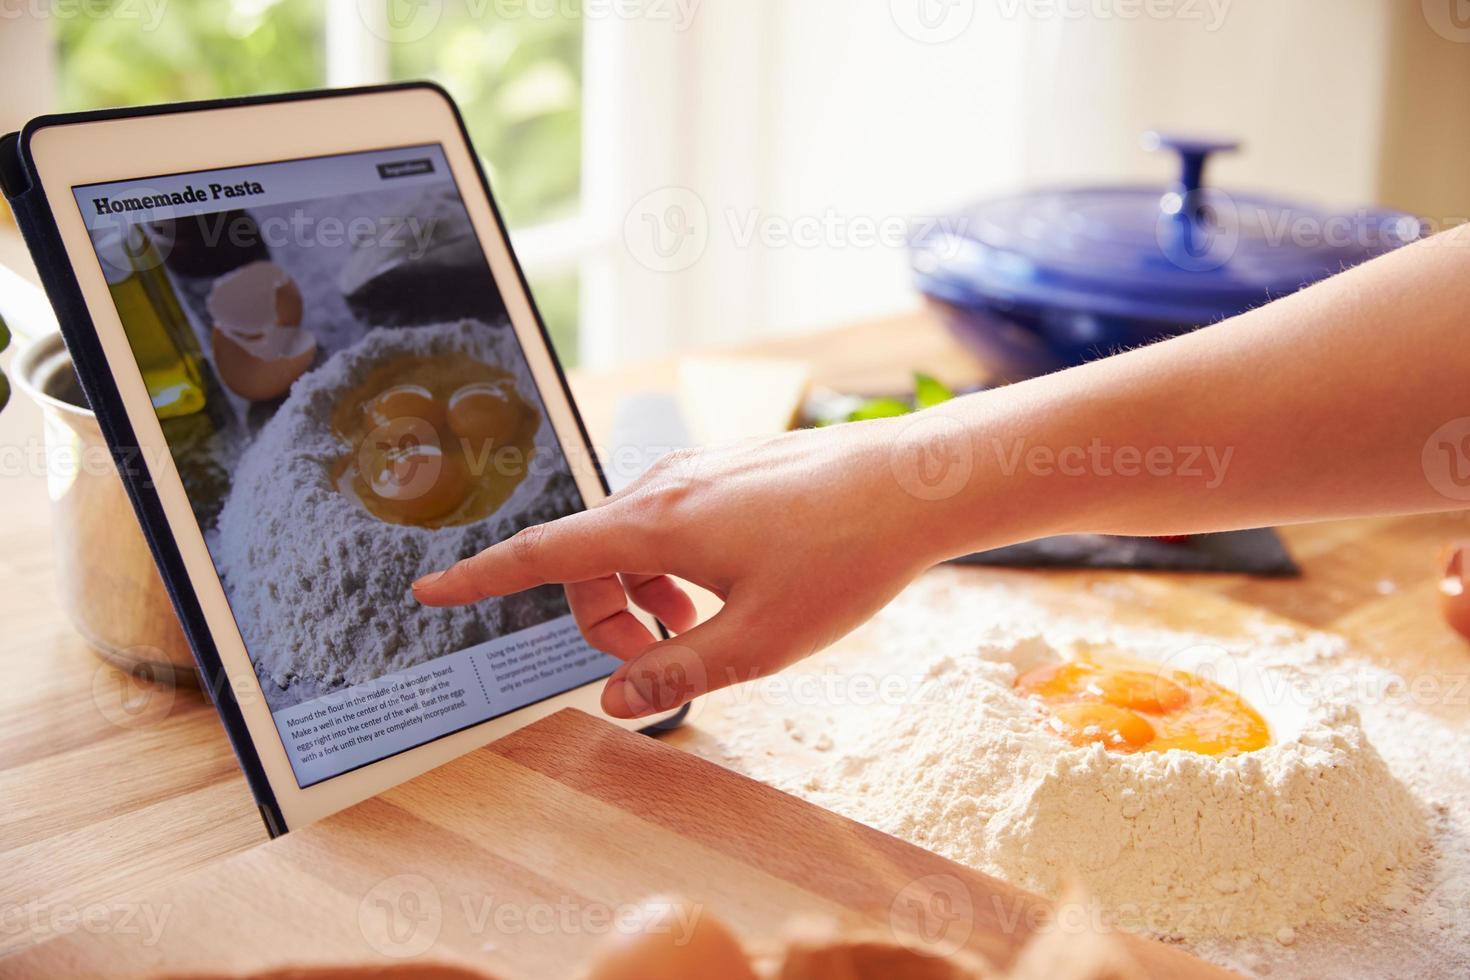 pessoa seguindo a receita de macarrão usando o aplicativo no tablet digital foto